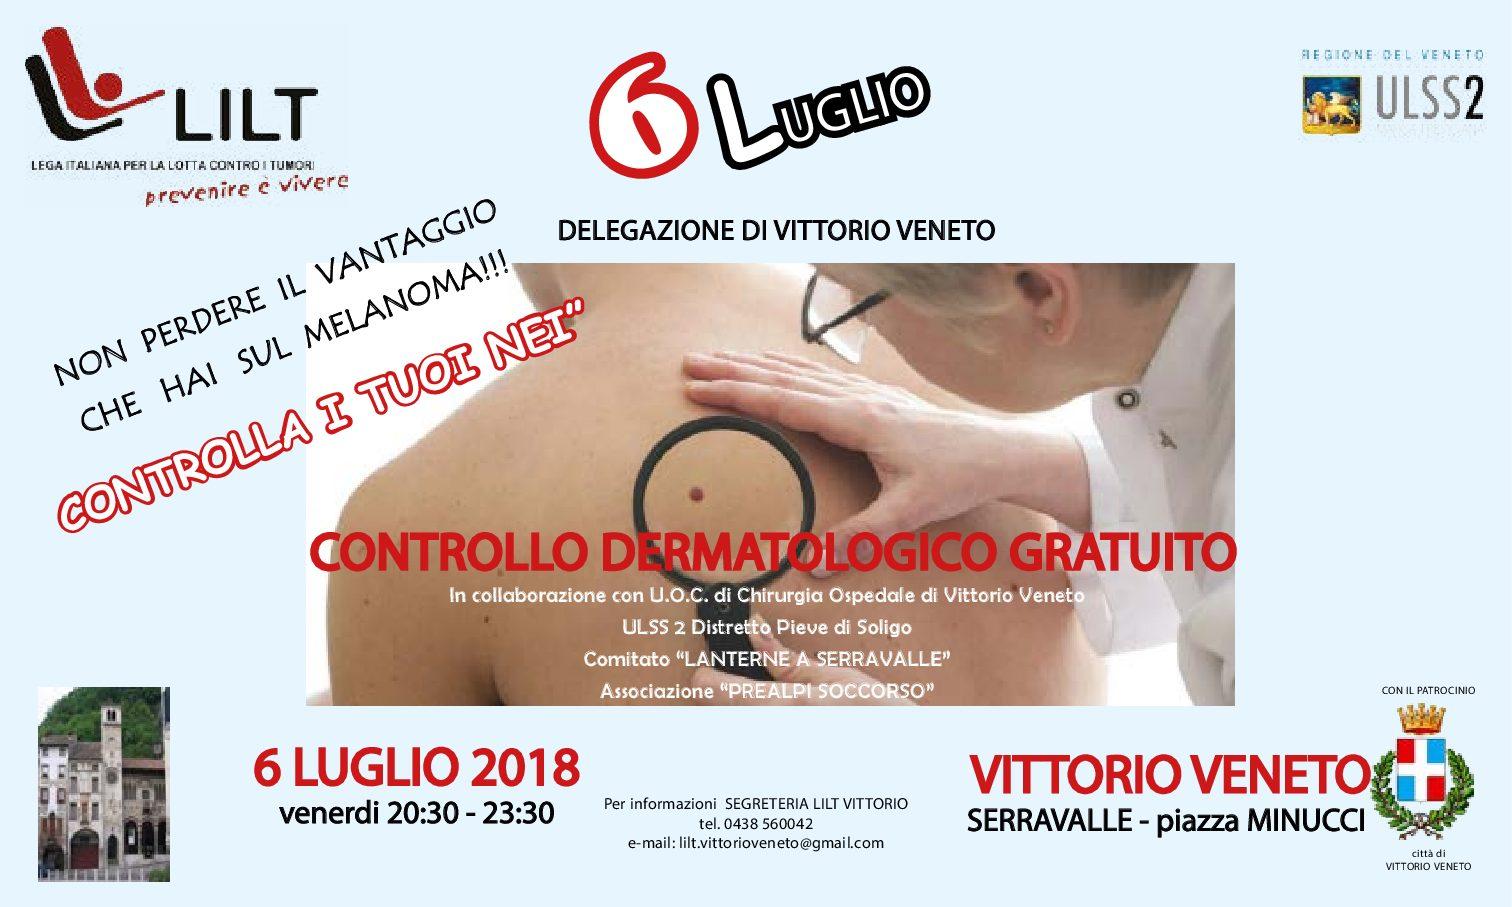 06.07.2018 Visite controlli nei a Serravalle